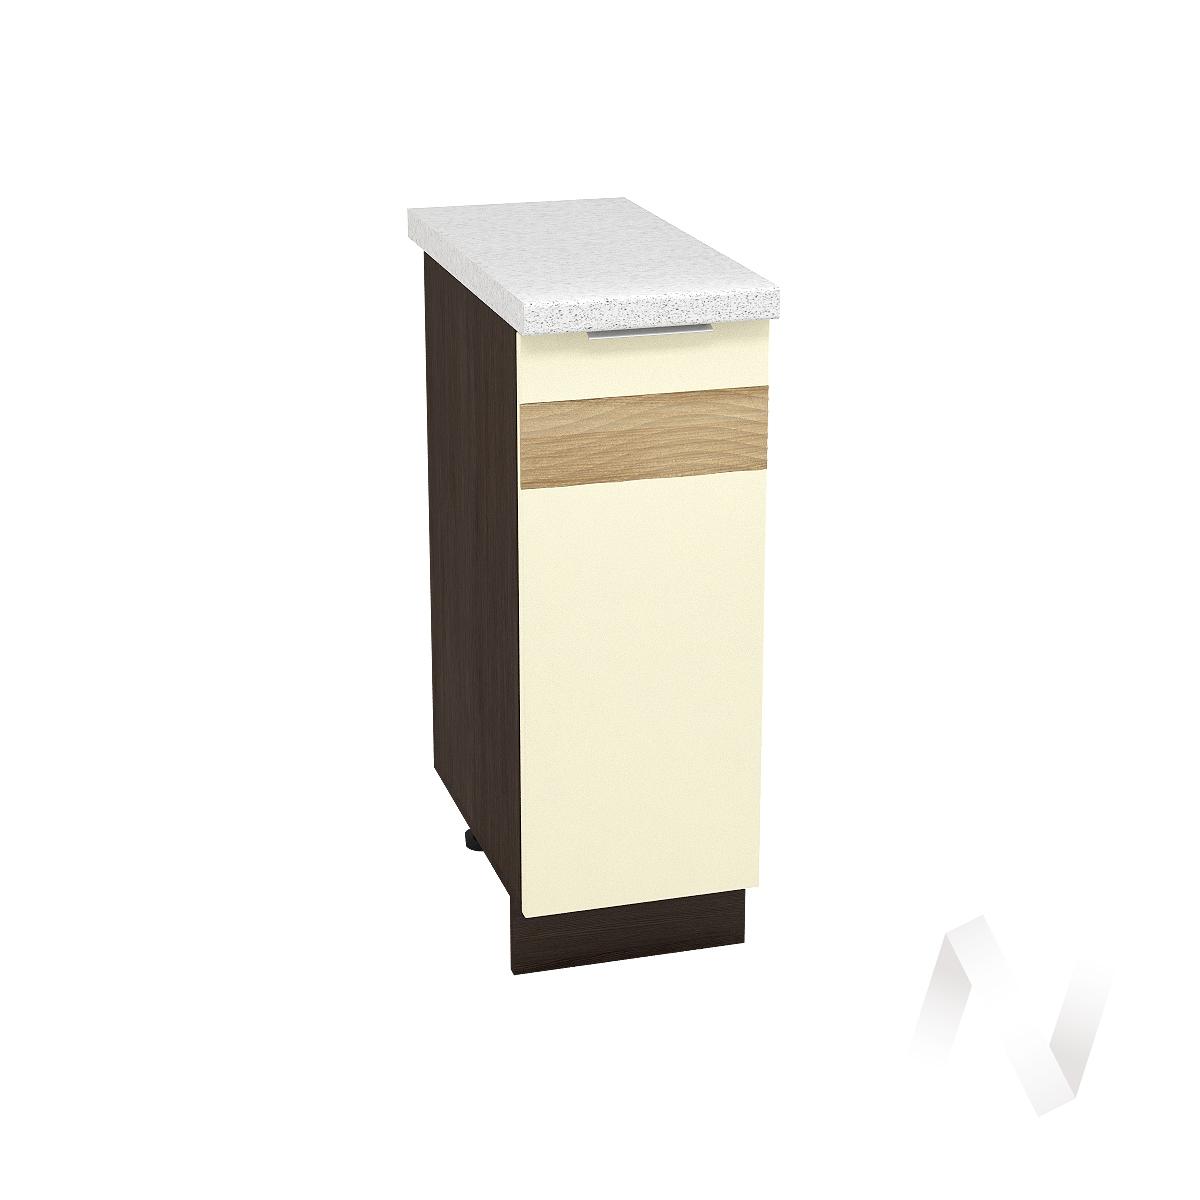 """Кухня """"Терра"""": Шкаф нижний правый 300, ШН 300 (ваниль софт/корпус венге)"""